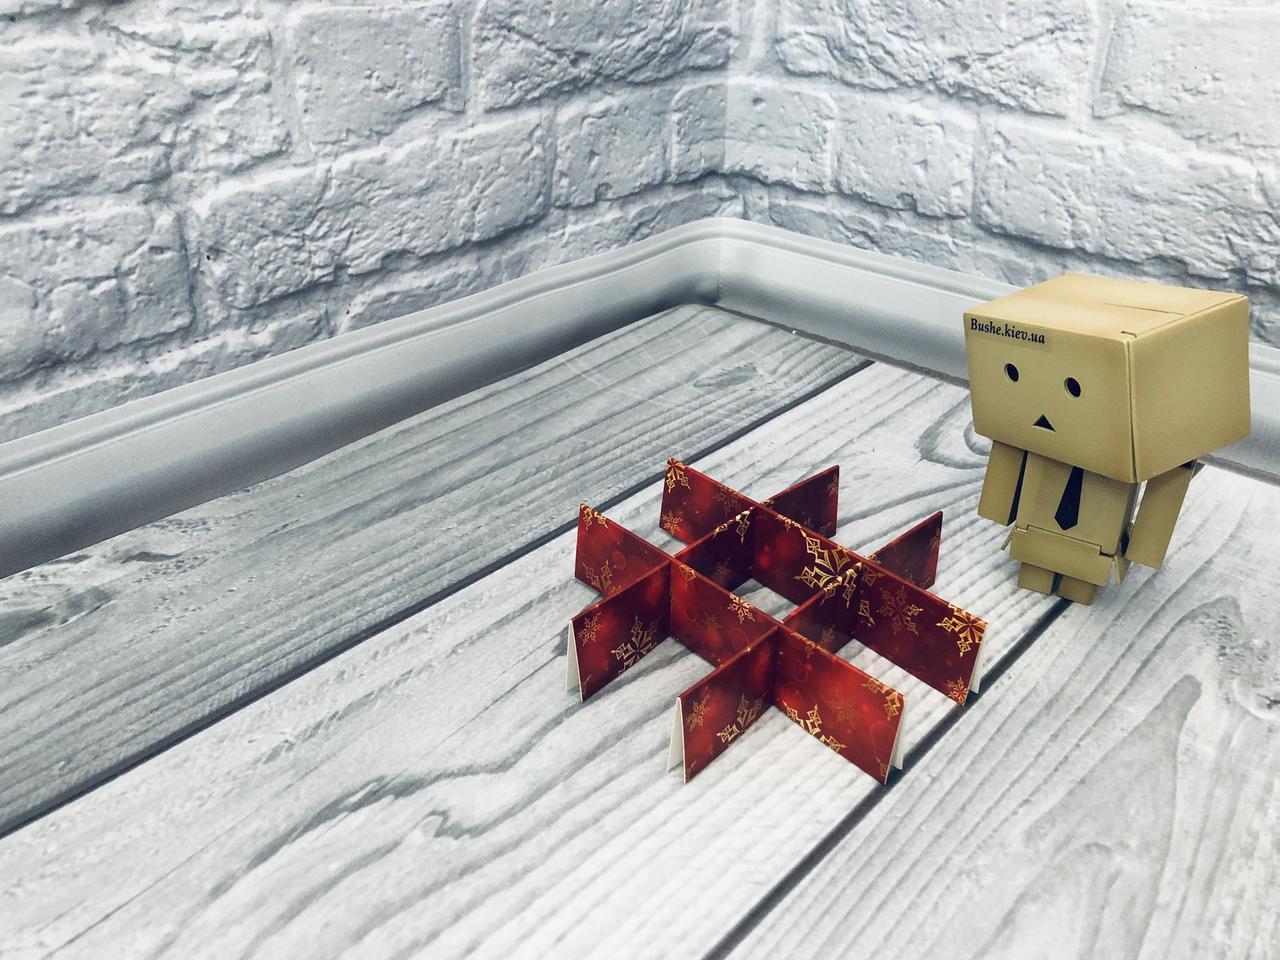 *10 шт* / Перегородка для конфет / 120х120х30 мм / 9 ячеек / Маленьк / печать-Снег.Красн / НГ